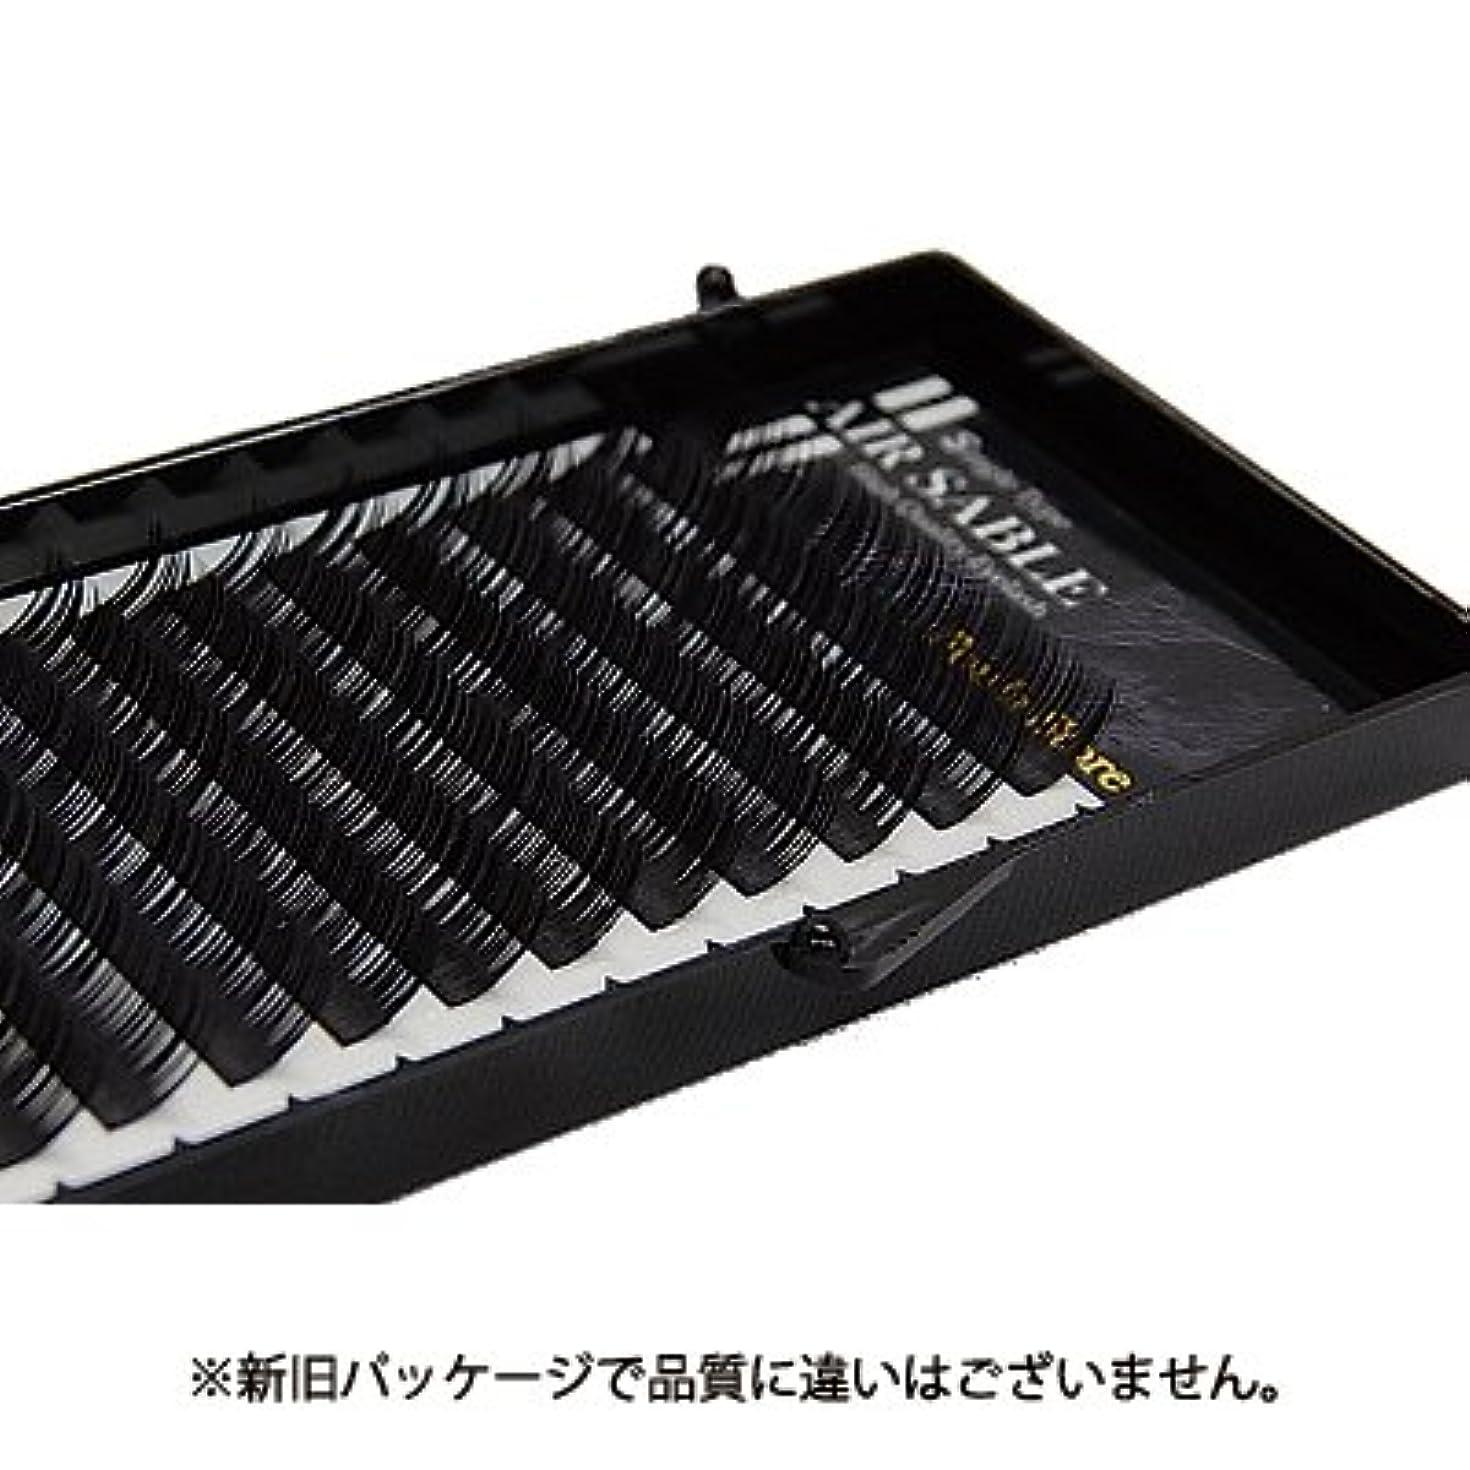 テクスチャーサーマル主人【フーラ】エアーセーブル シート 12列 Cカール 11mm×0.15mm